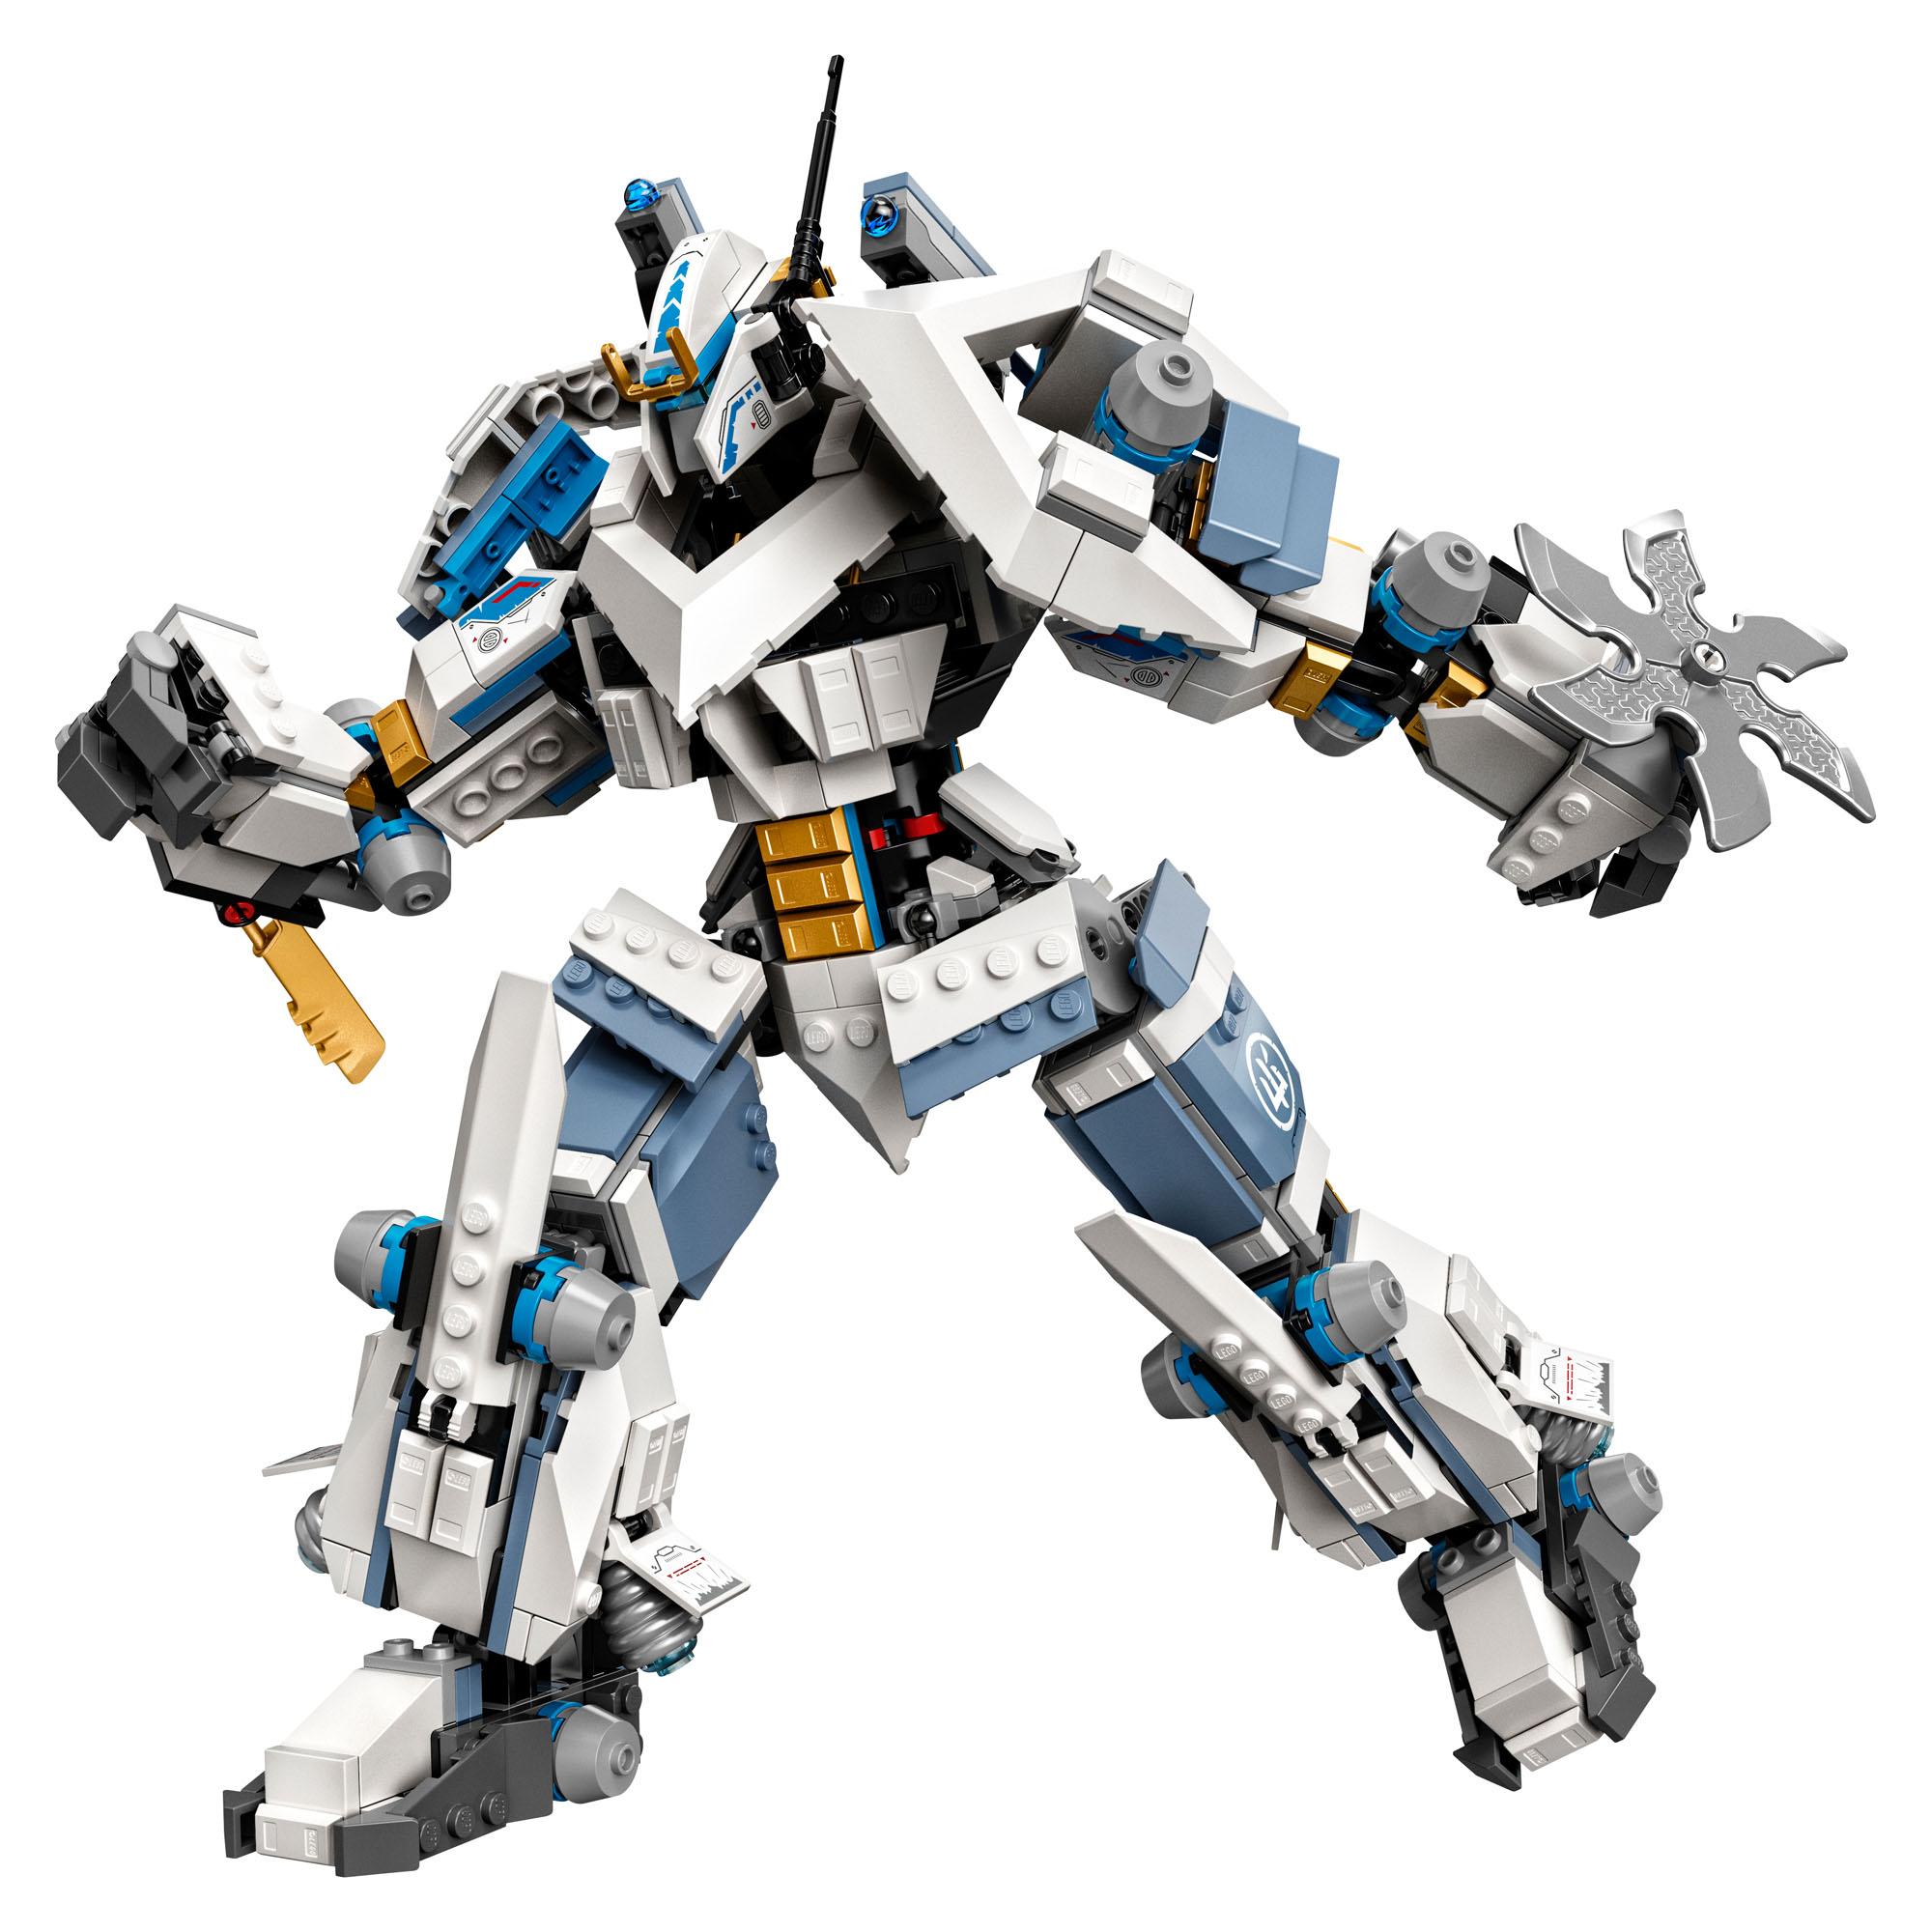 71738 LEGO NINJAGO Zane's Titan Mech Battle Set inc 840 ...